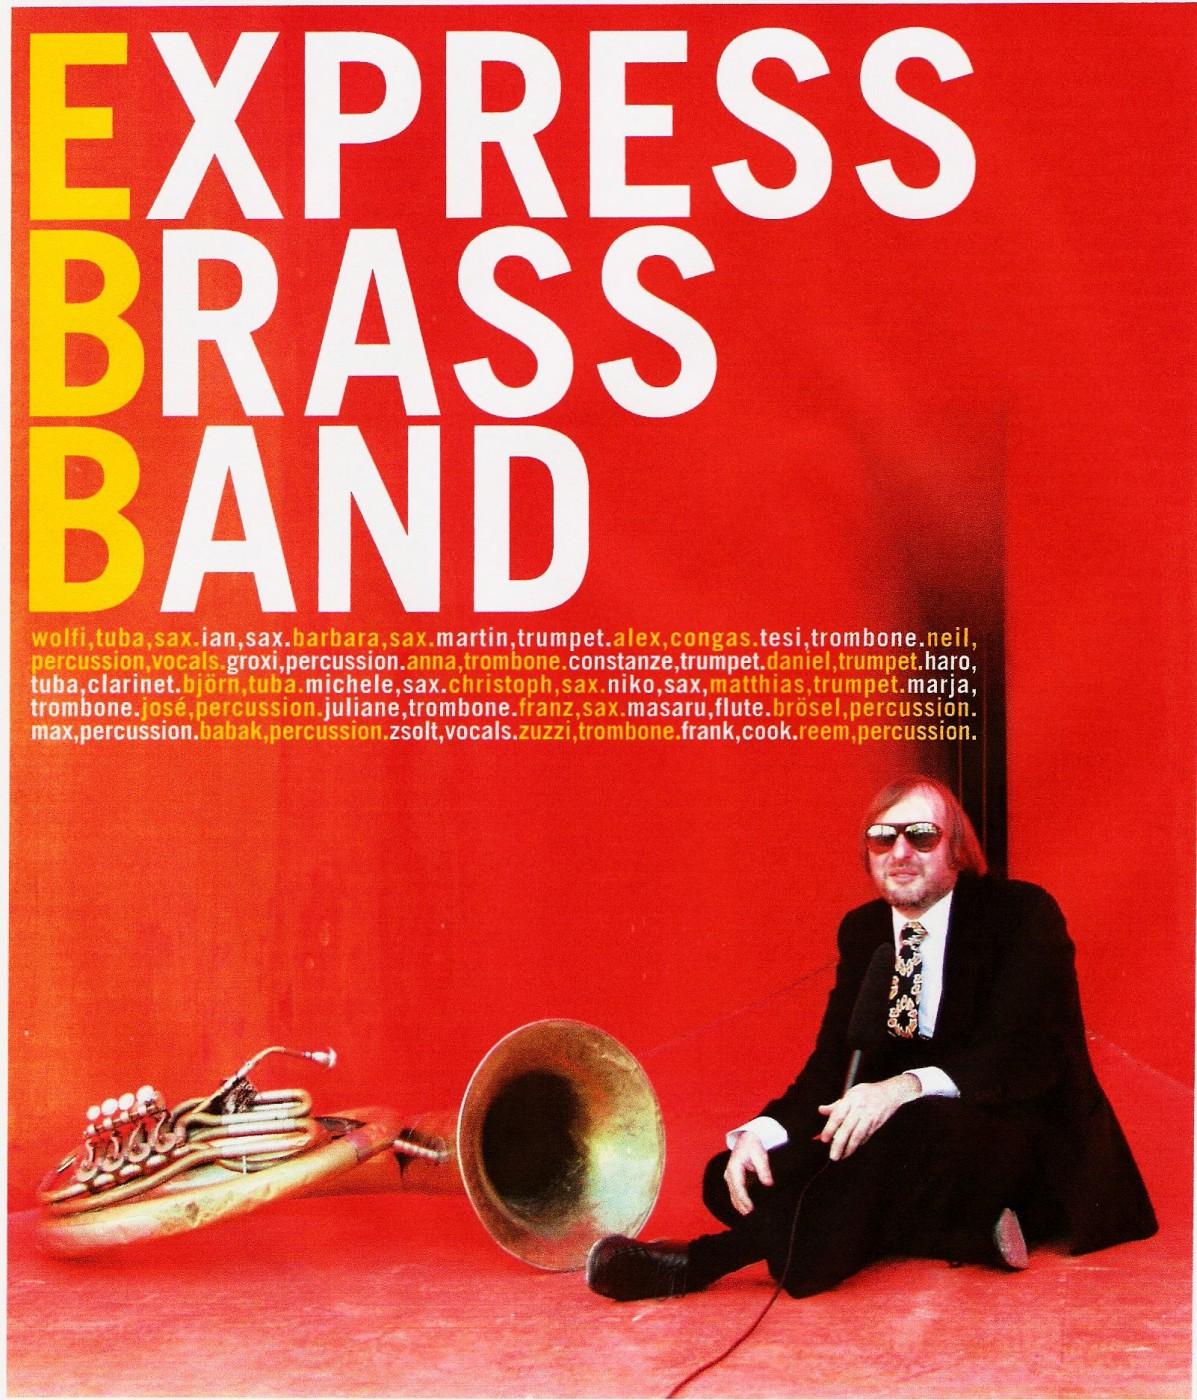 express_brass_band_expressbrassband